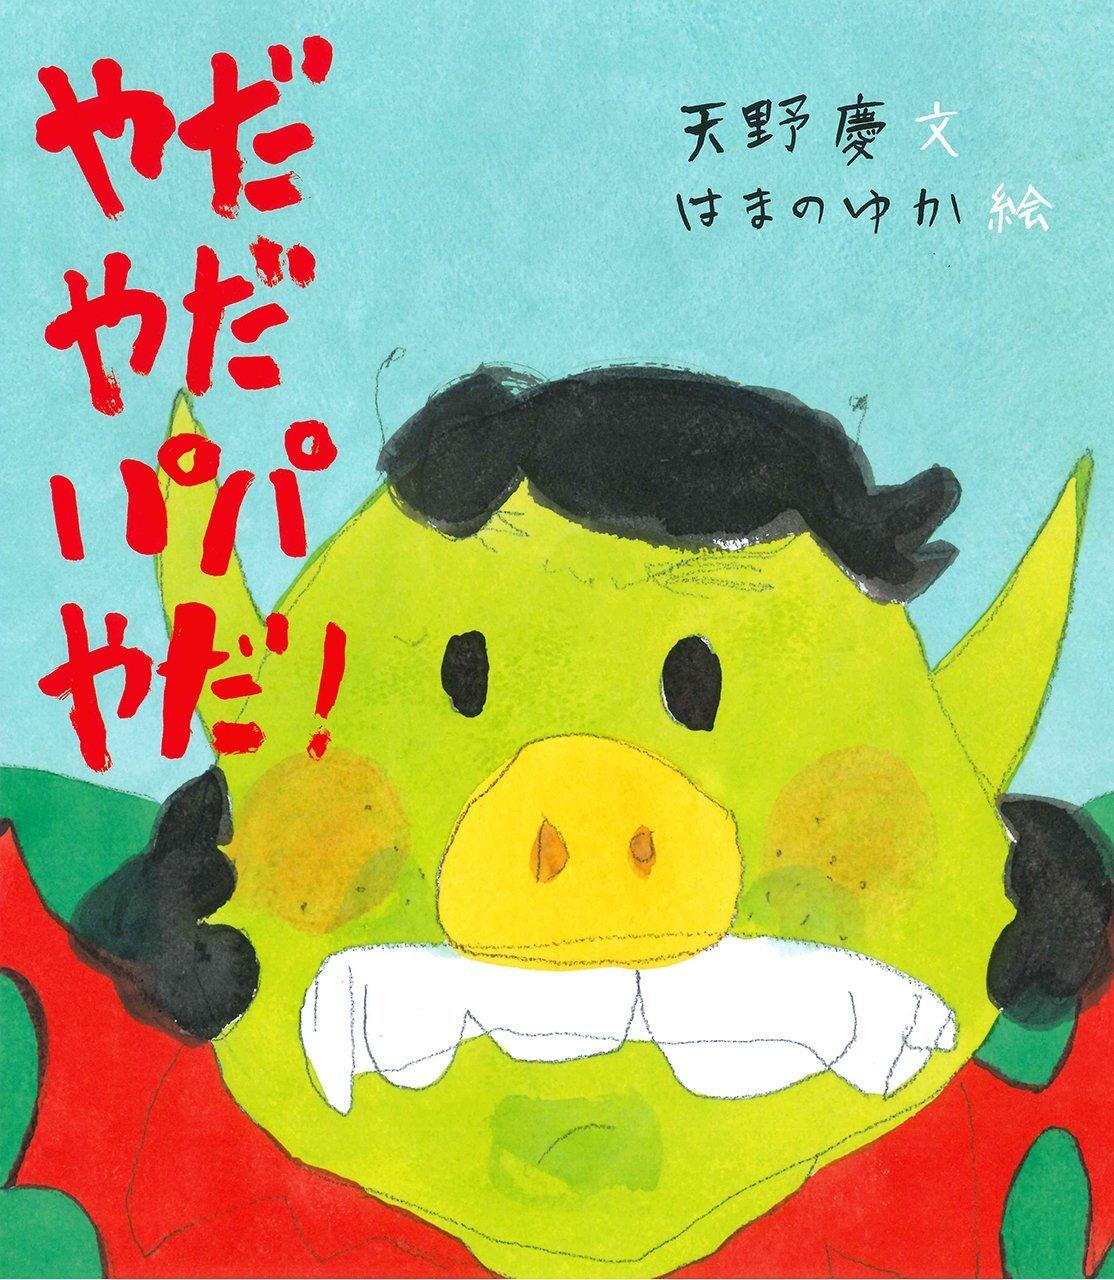 ふたりでお留守番をすることになった女の子とパパのおかしな一日を描いた『やだやだパパやだ!』(文:天野慶、絵:はまのゆか/ほるぷ出版)。同シリーズの絵本『だめだめママだめ!』も人気。